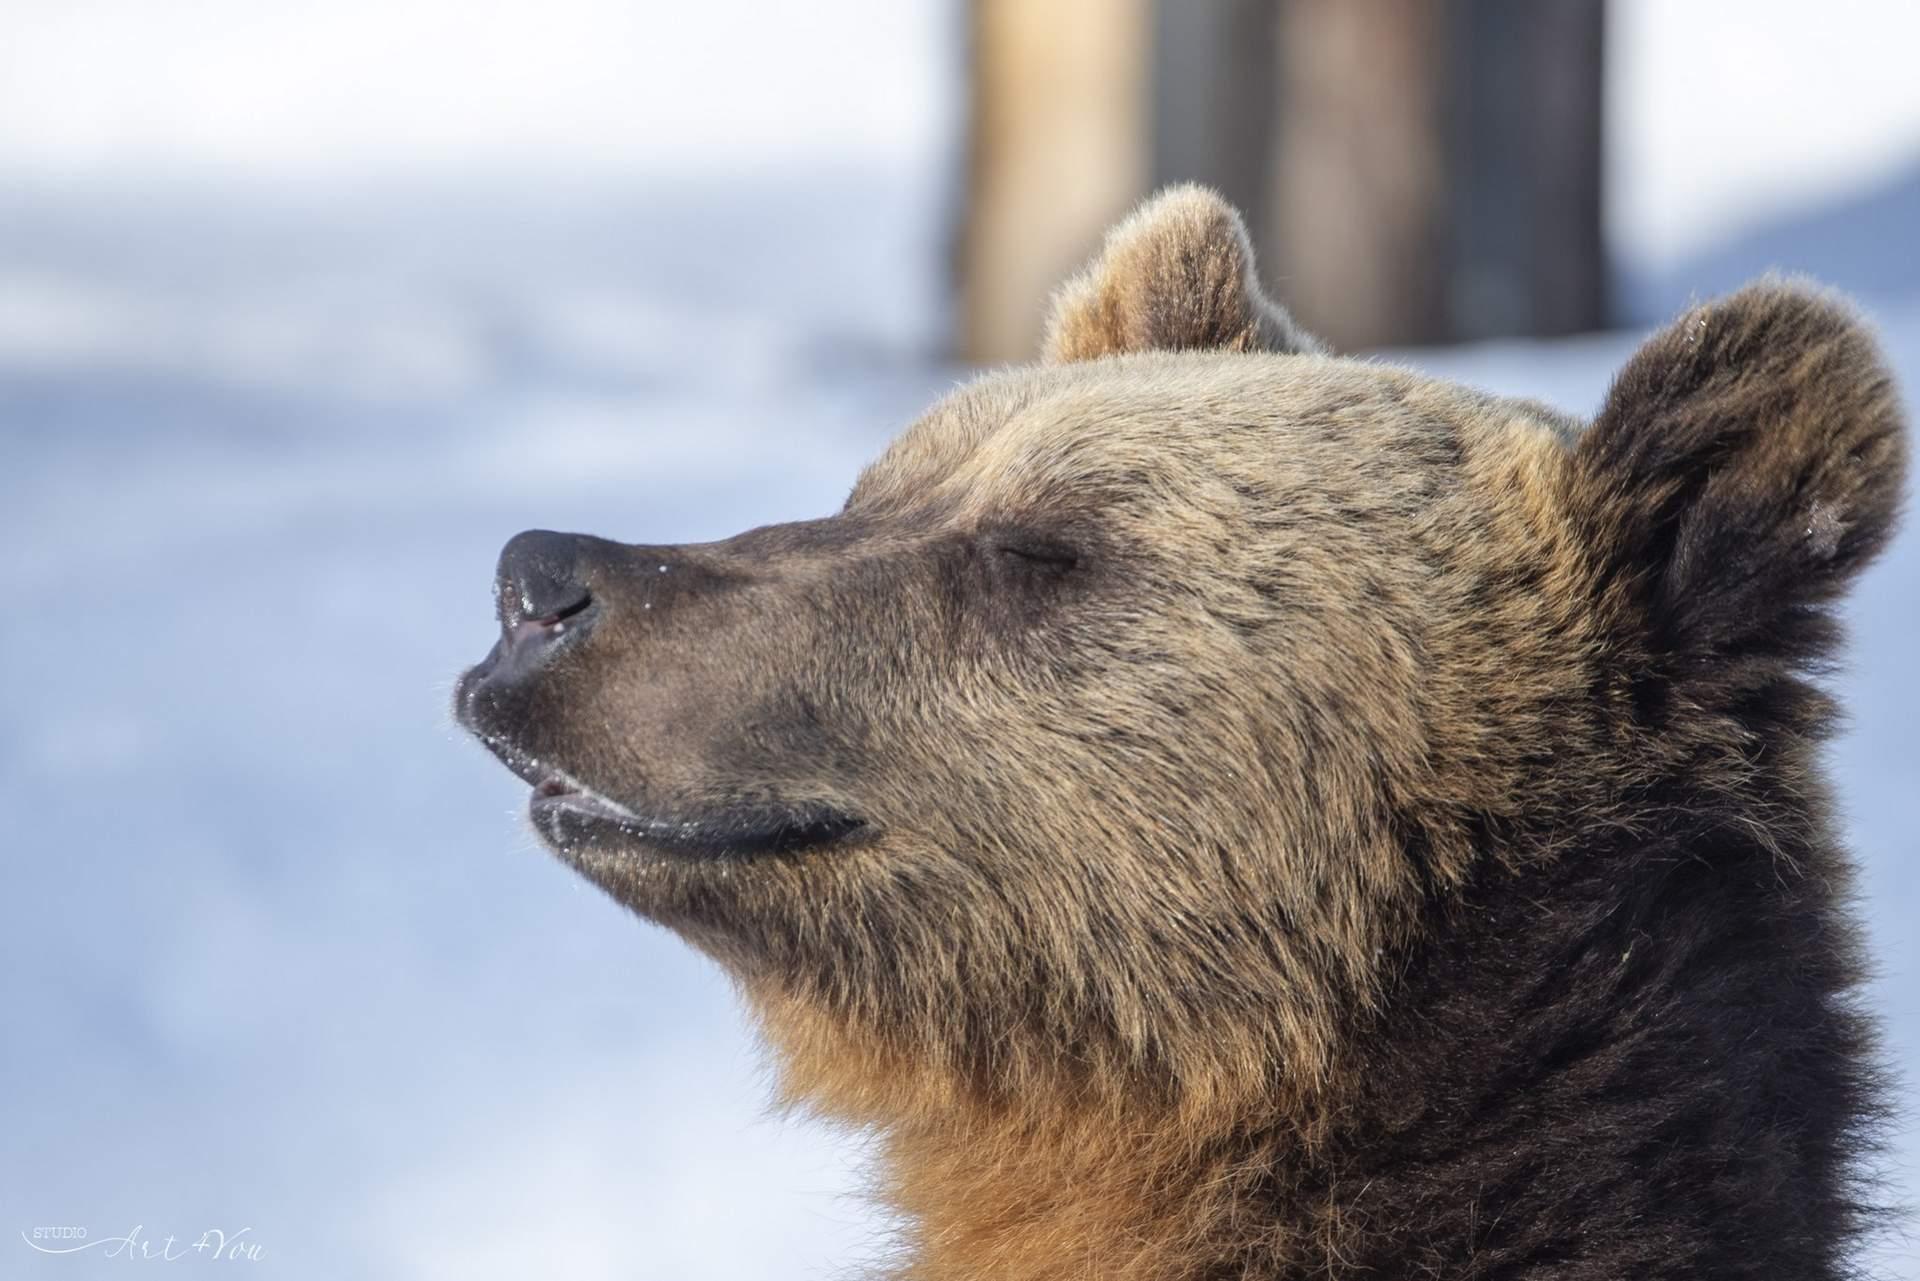 Ähtäri zoo karhu Kuva: StudioArt4you